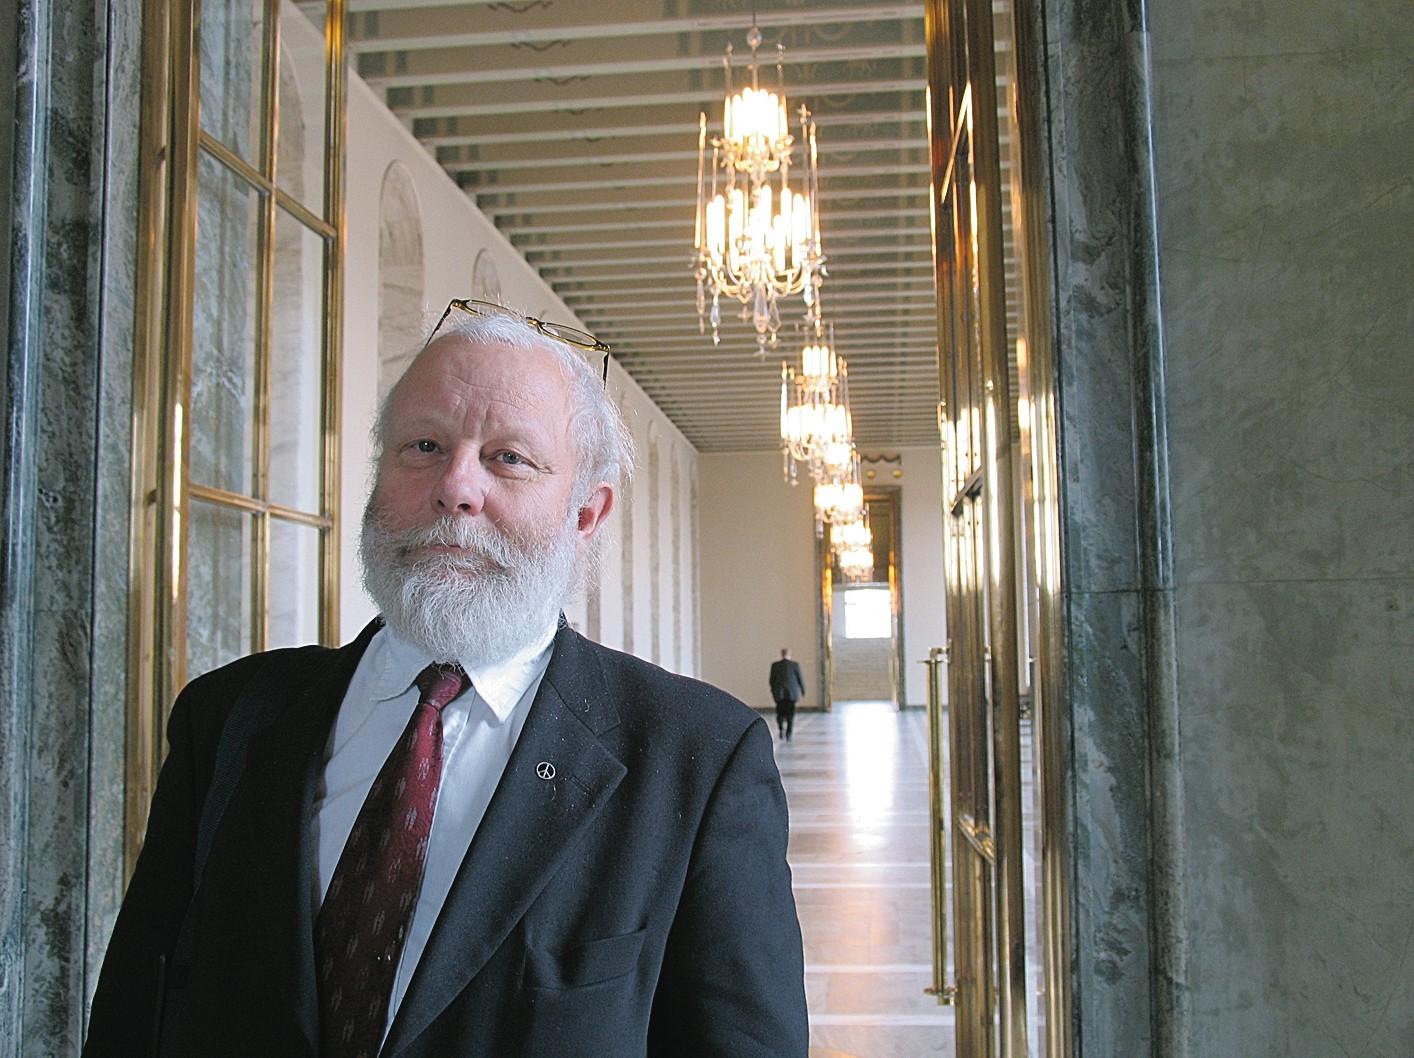 Rauhantekijä Ilkka Taipale: Taipaleen verran ydinasioita